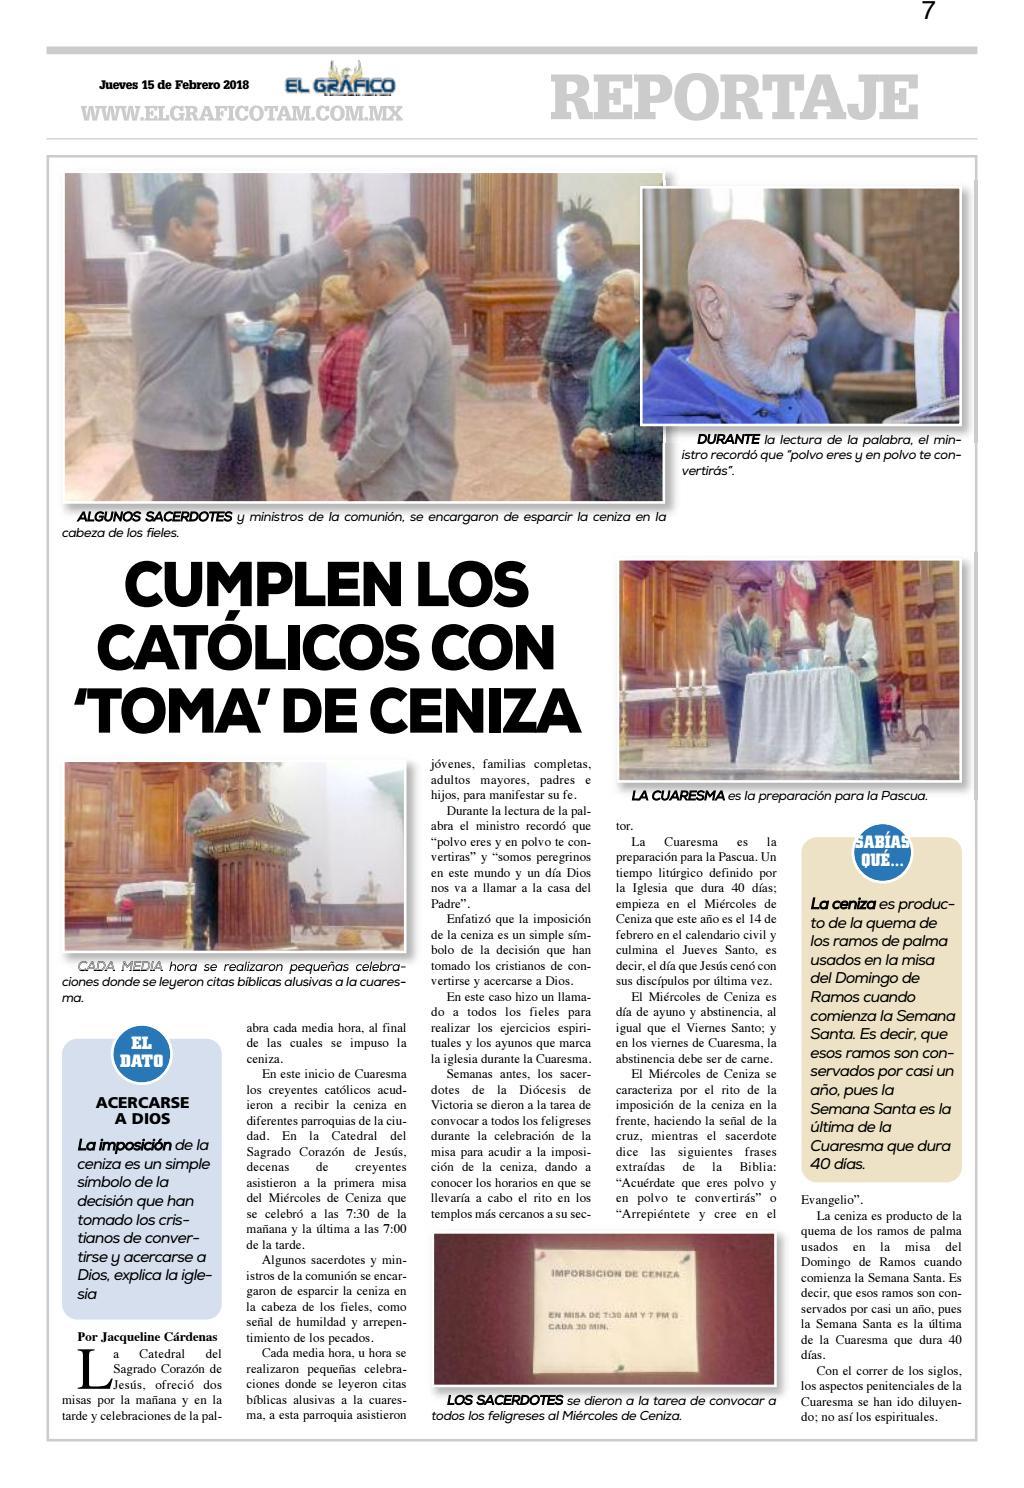 Edición 15 Febrero 2018 By El Gráfico Issuu